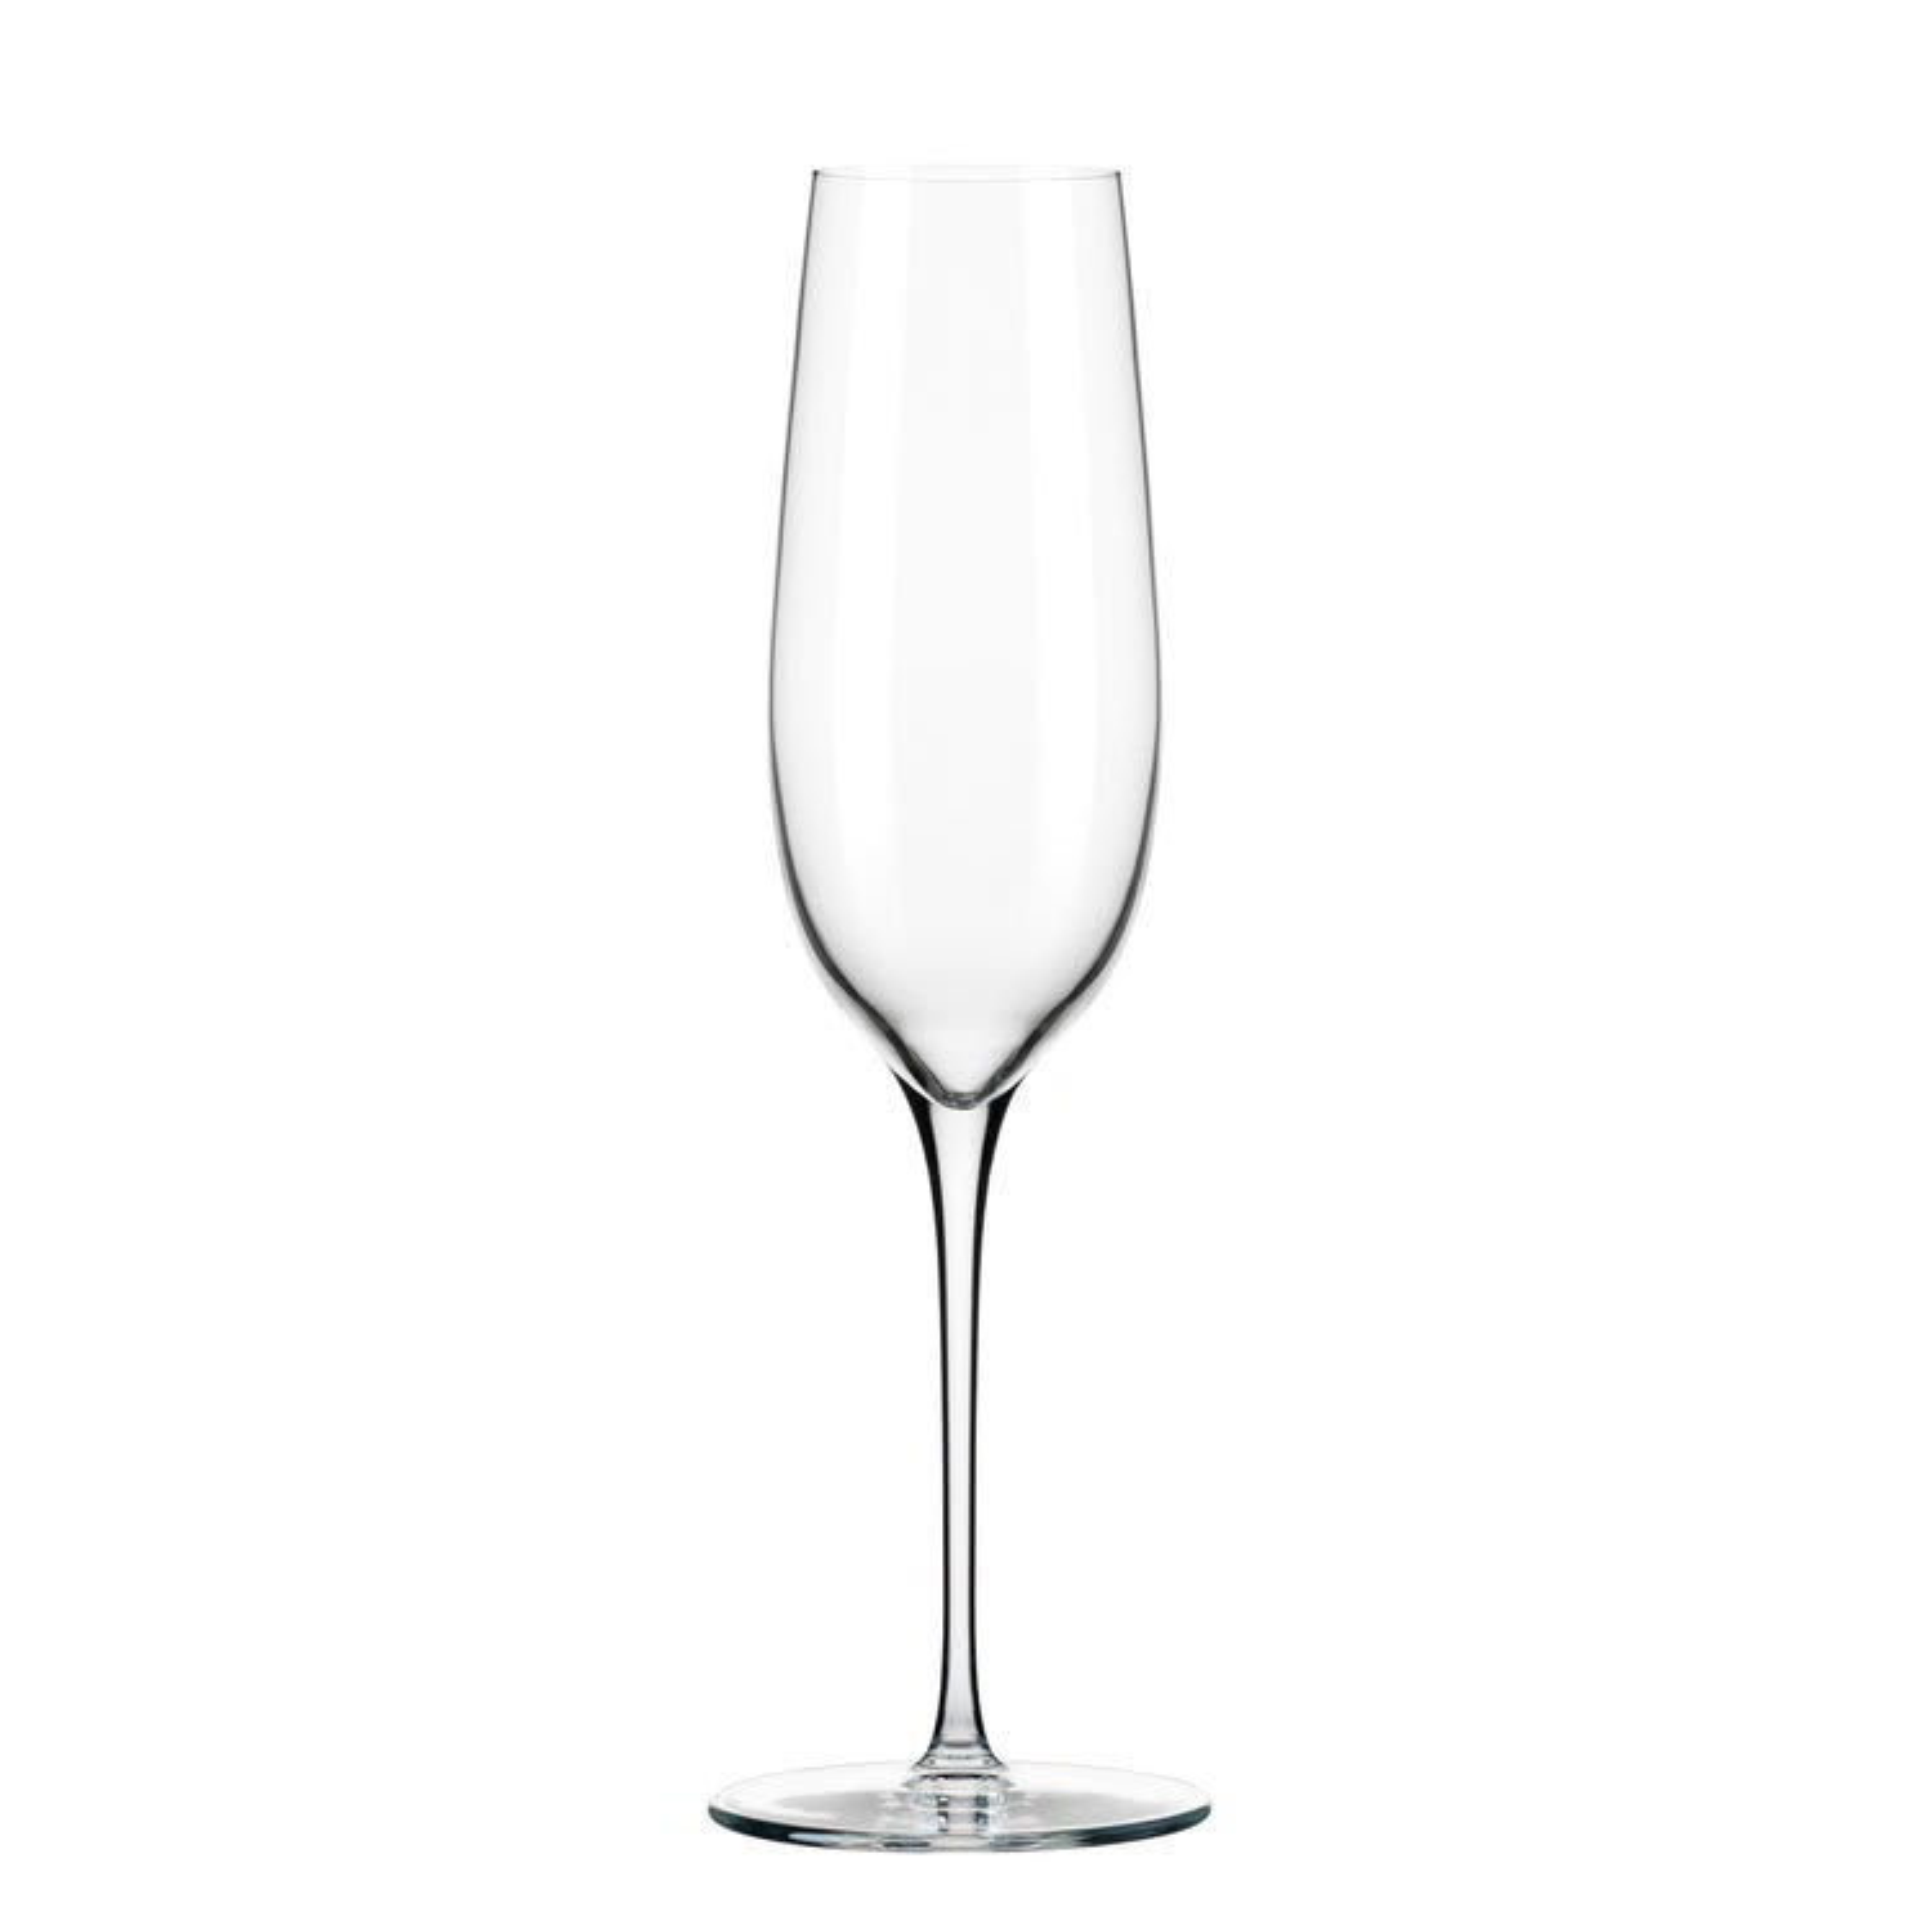 Libbey 9138 8 oz Renaissance Champagne Flute